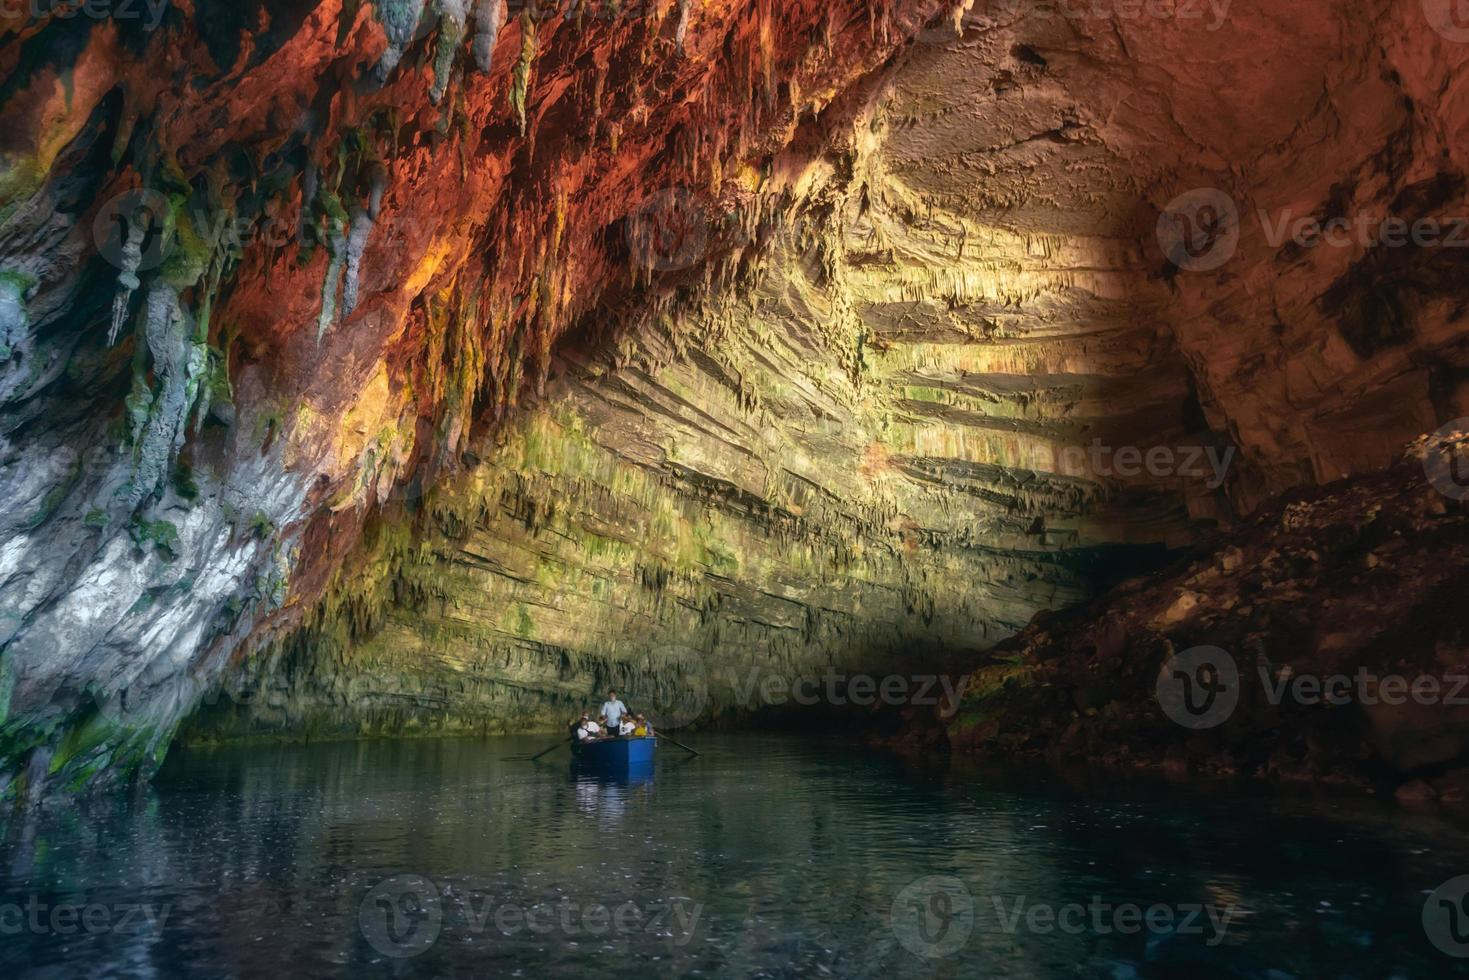 melissani -grotta eller melissani -sjö nära samistaden på Kefalonia -ön, Grekland. färgglatt konstnärligt panoramafoto. turism koncept. foto